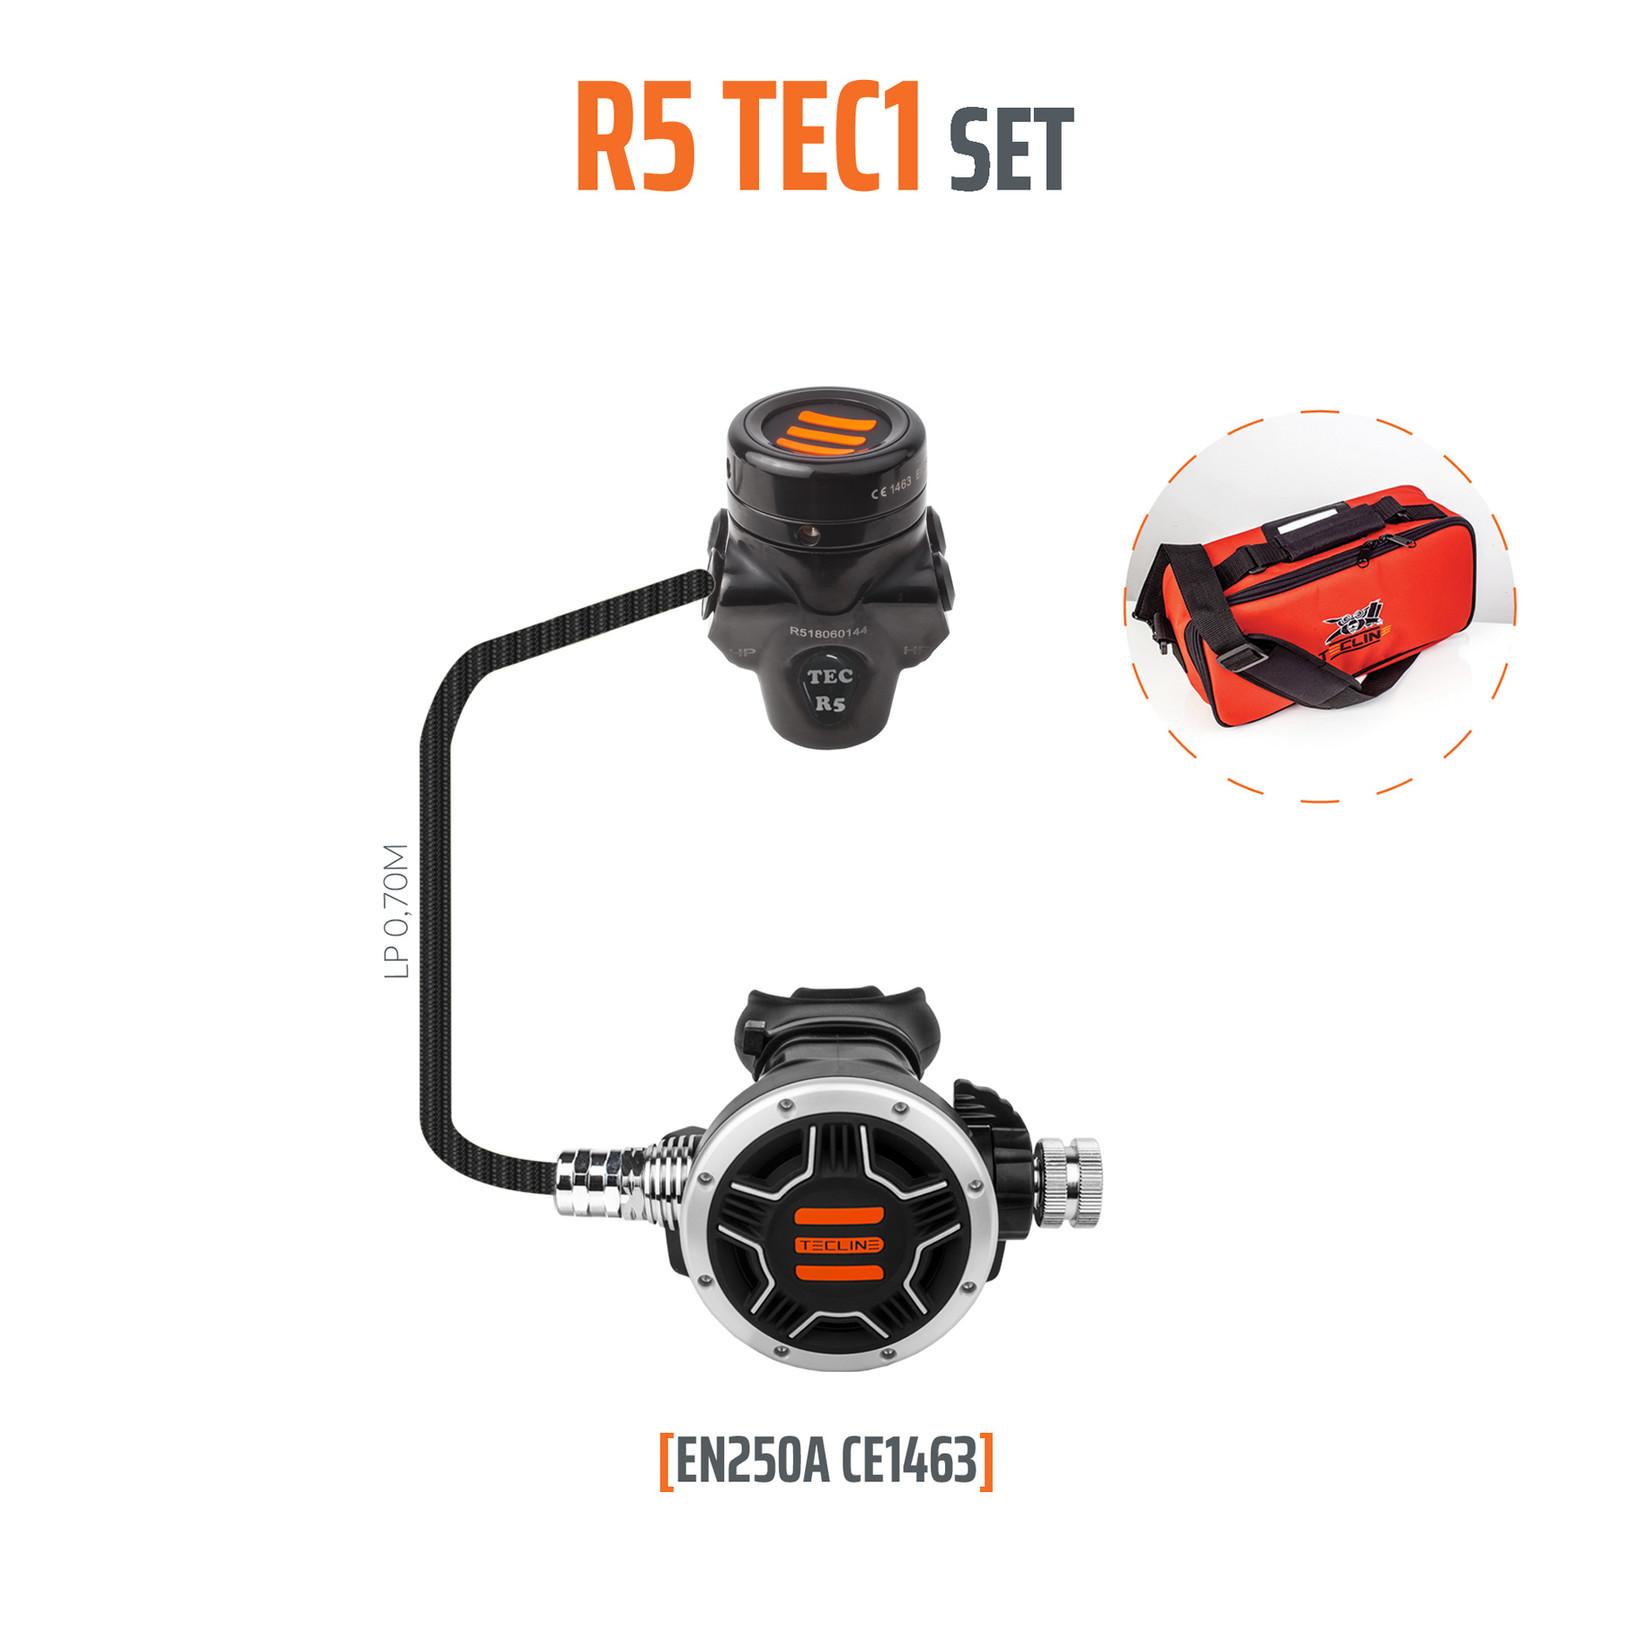 Tecline Regulator R5 TEC1 - EN250A